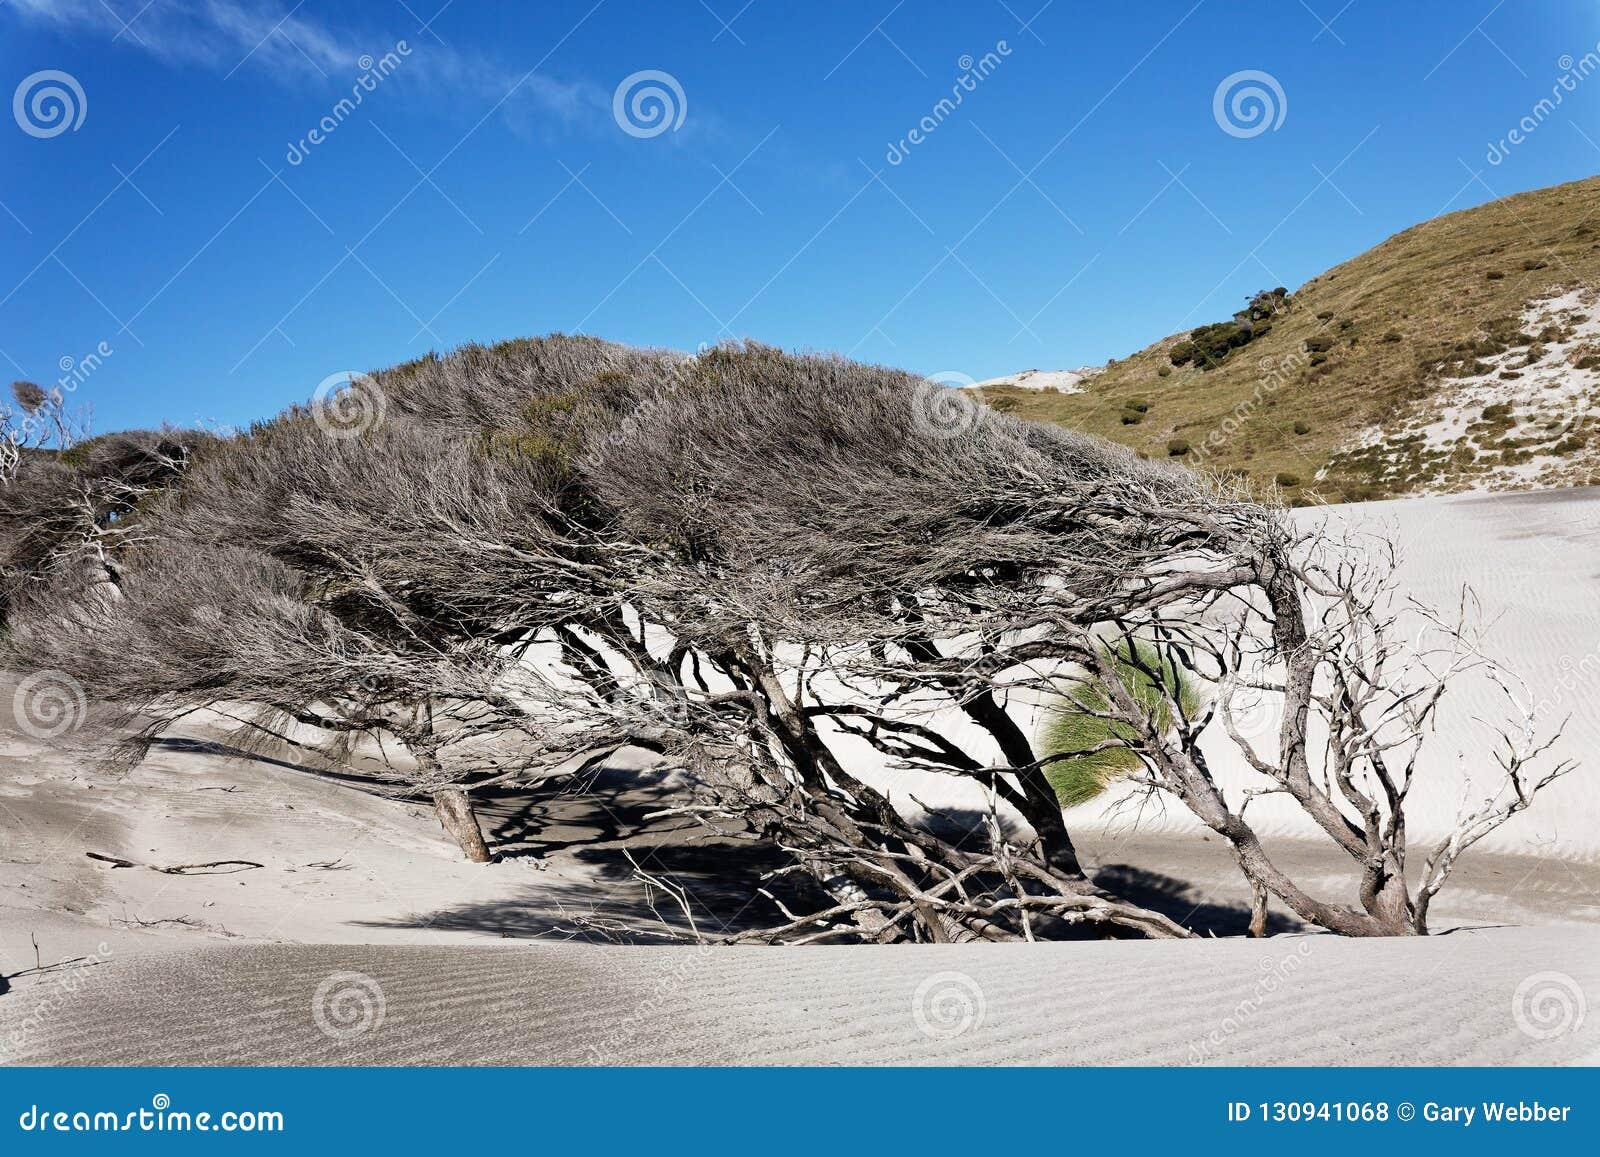 Manuka tree, New Zealand`s west coast